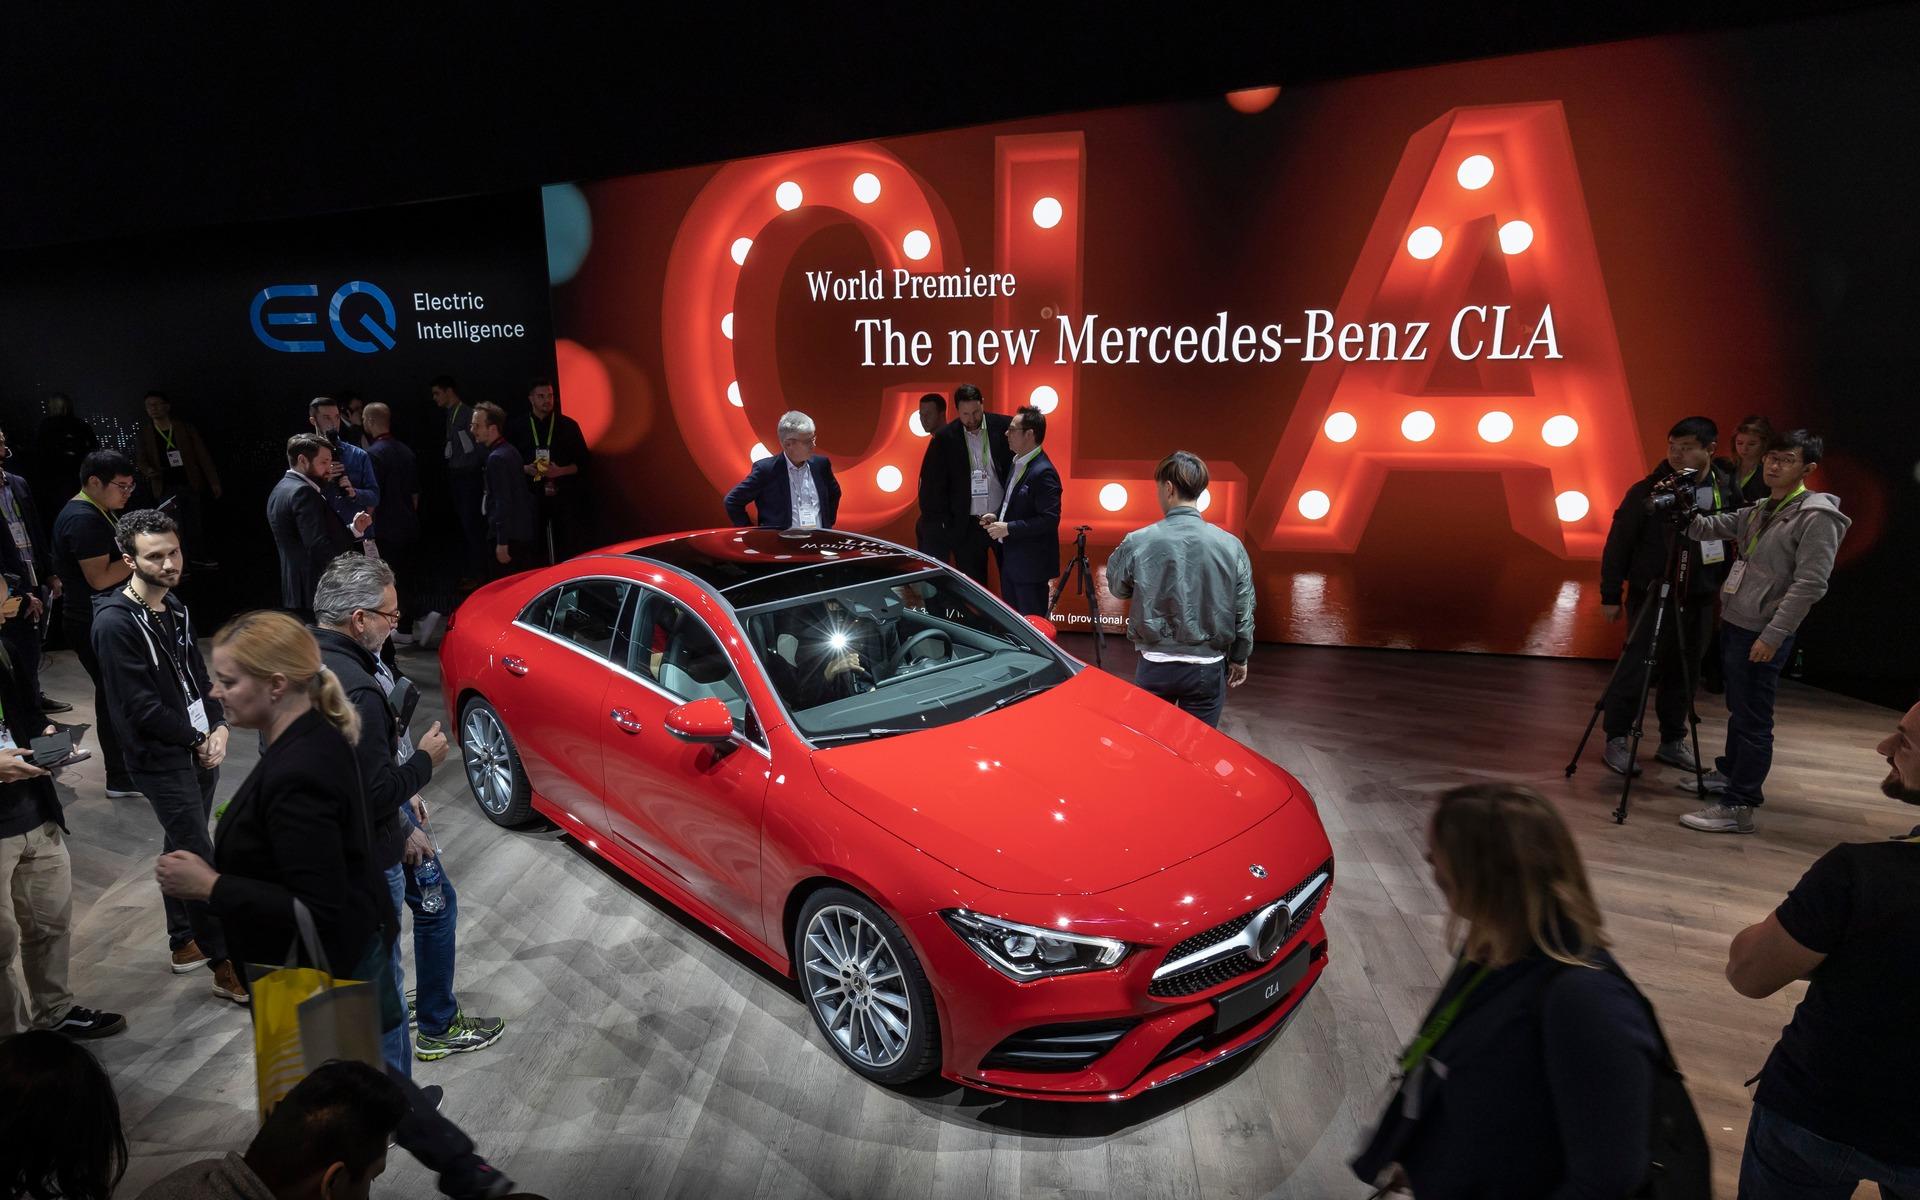 Mercedes-Benz CLA 2019 : la deuxième génération arrive au CES 362211_2019_Mercedes-Benz_CLA-Class